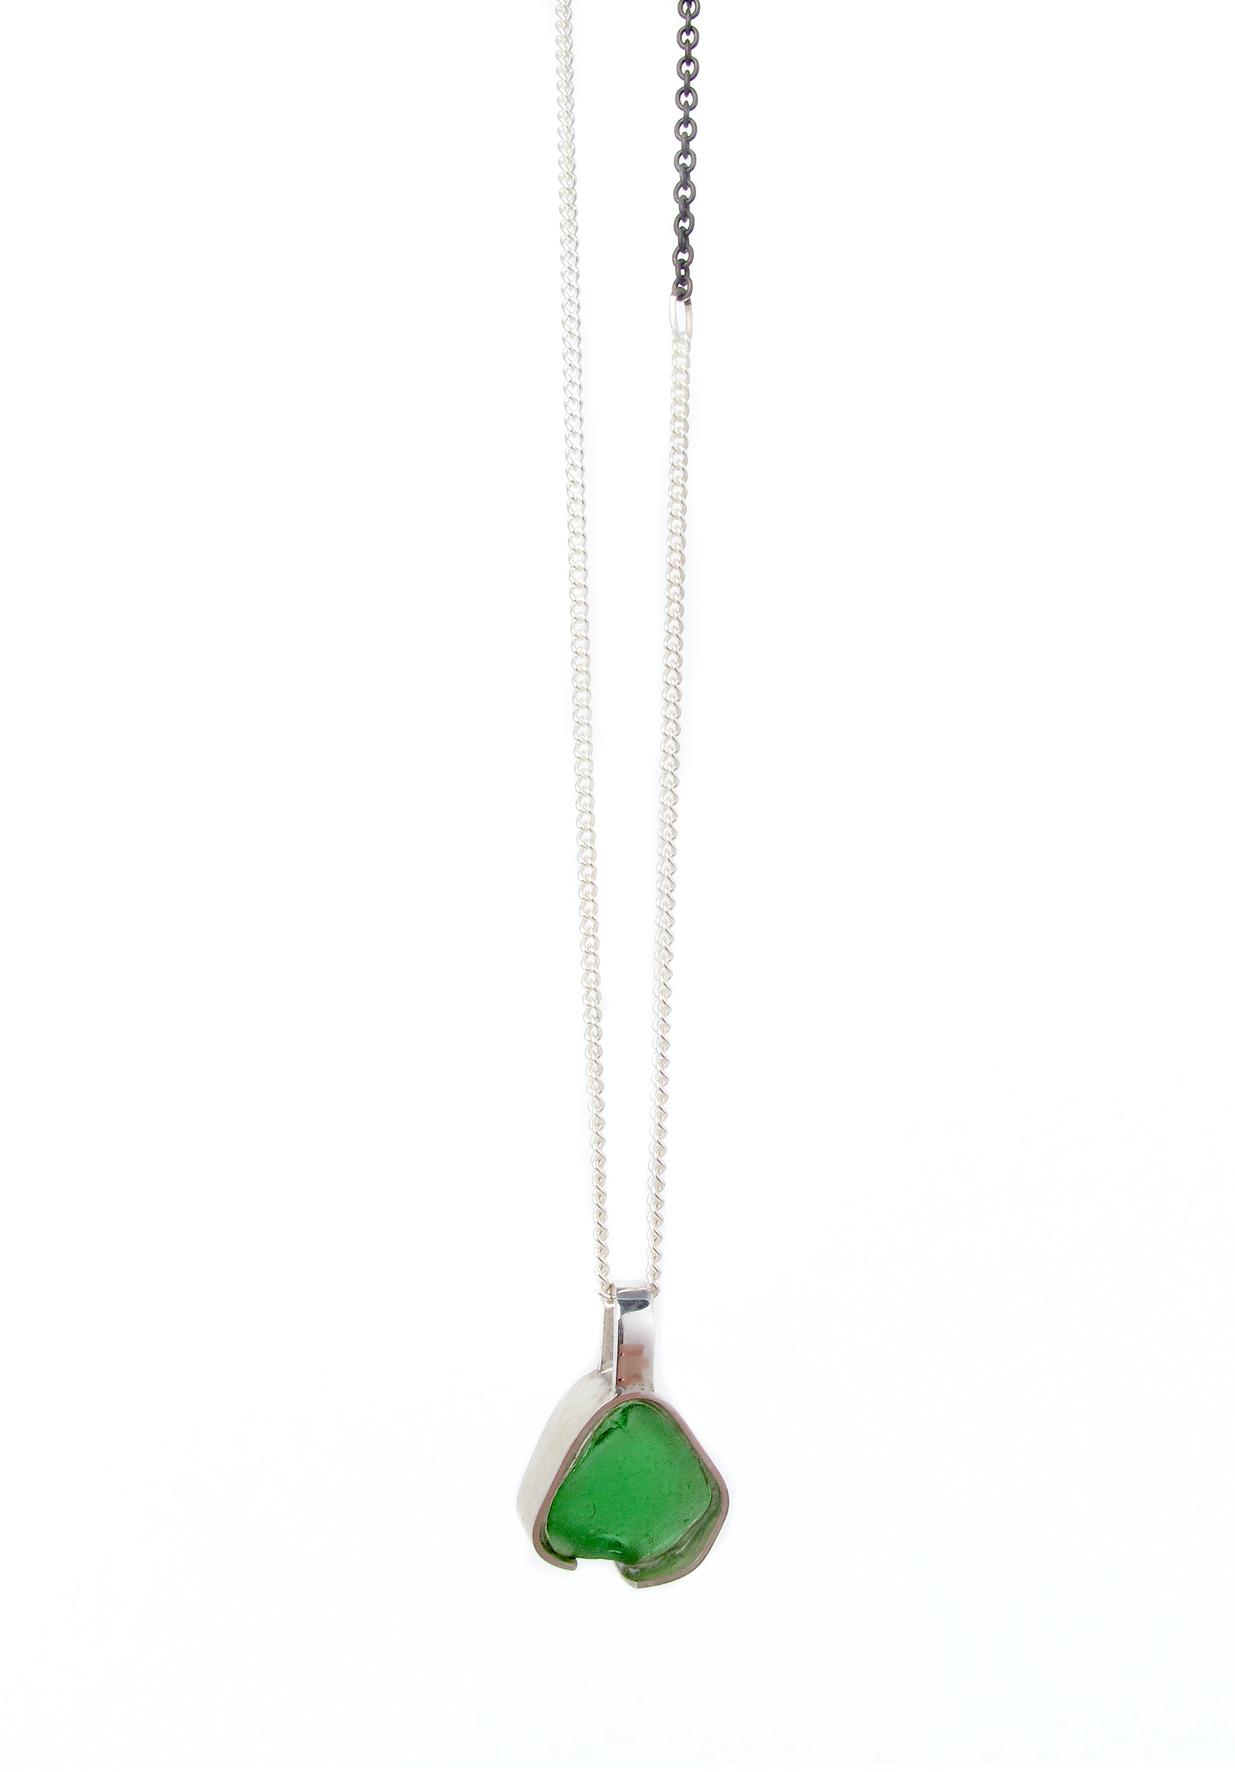 green beach glass necklace 1.jpg